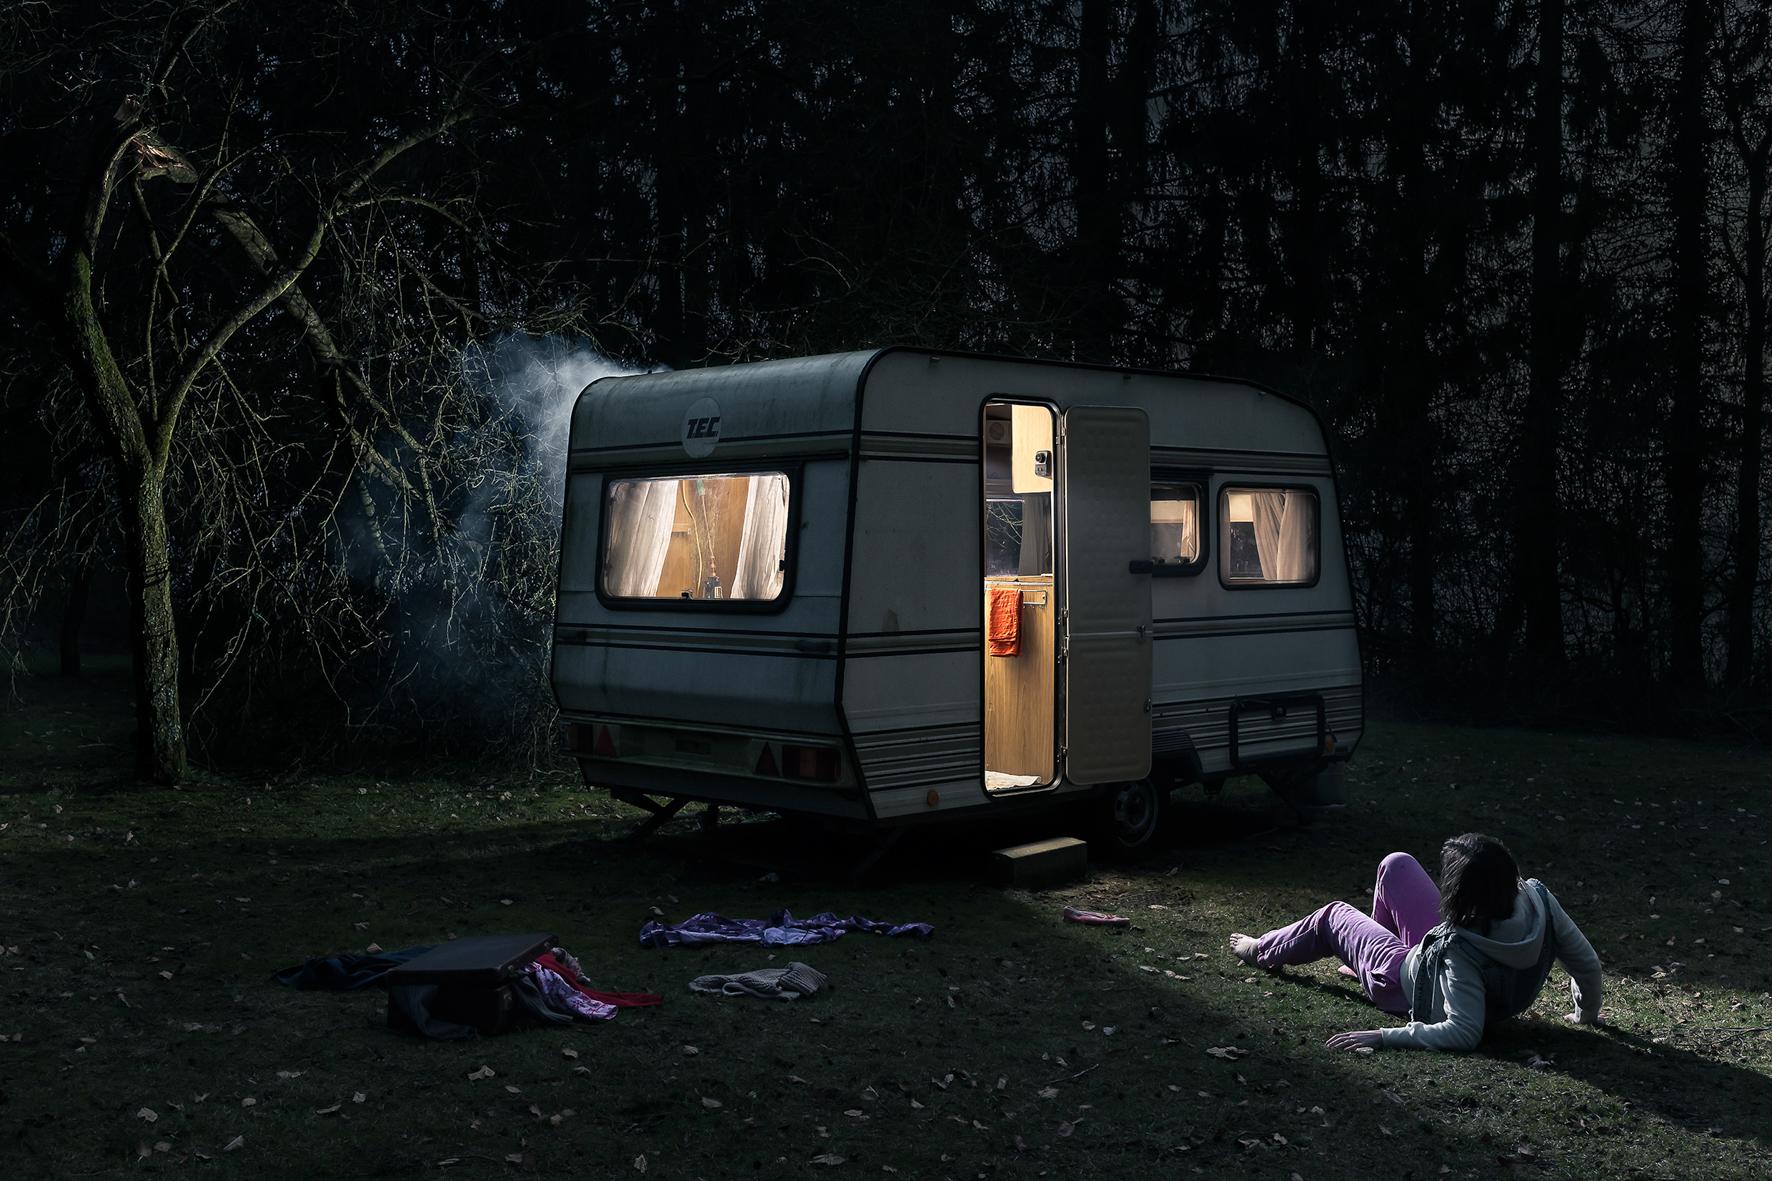 Photography, Ersen-Sariozkan, Belgium